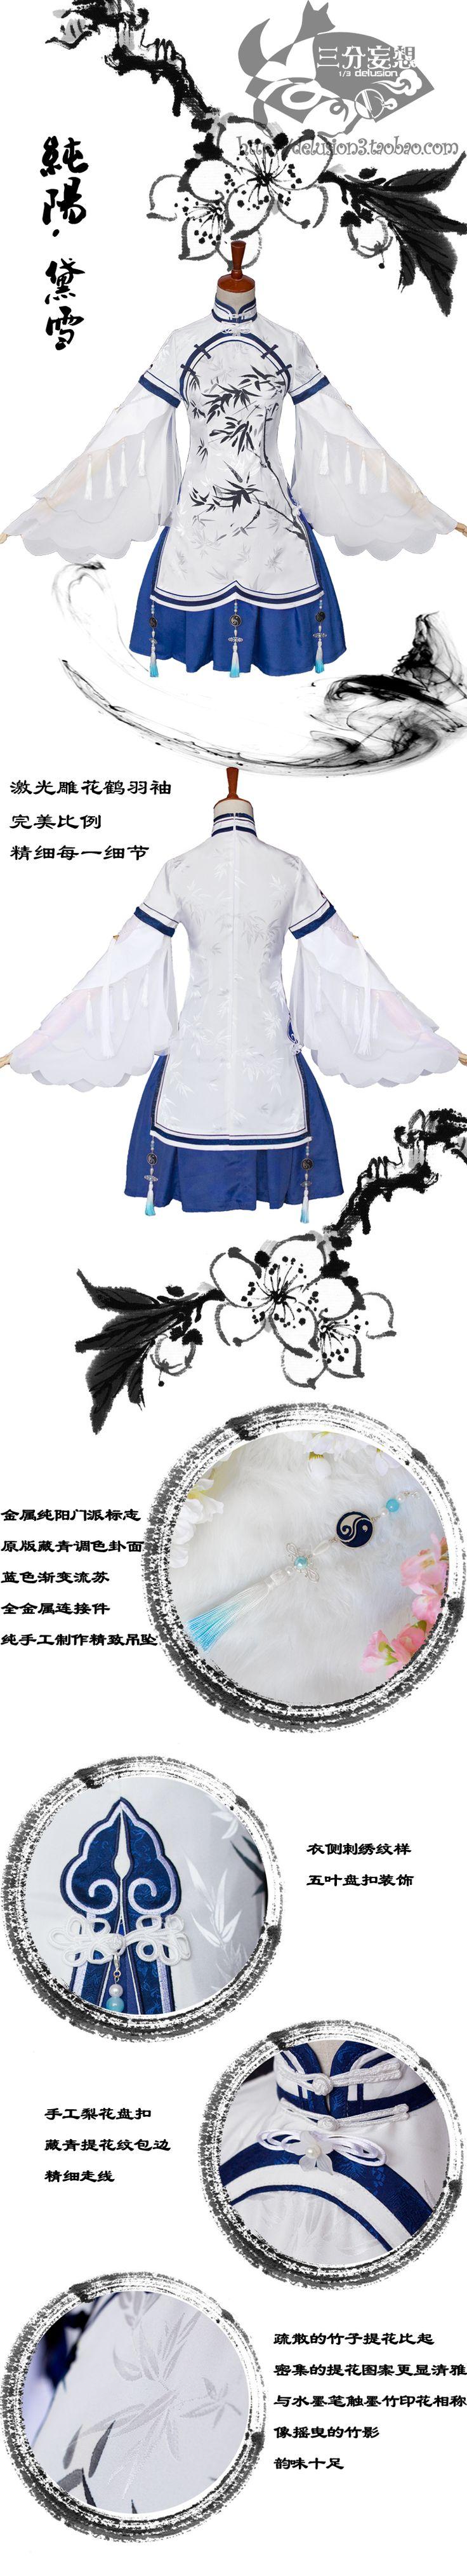 【1/3妄想】剑侠情缘 剑三 剑网三 剑3 民国 纯阳 黛雪 COS 日常-淘宝网